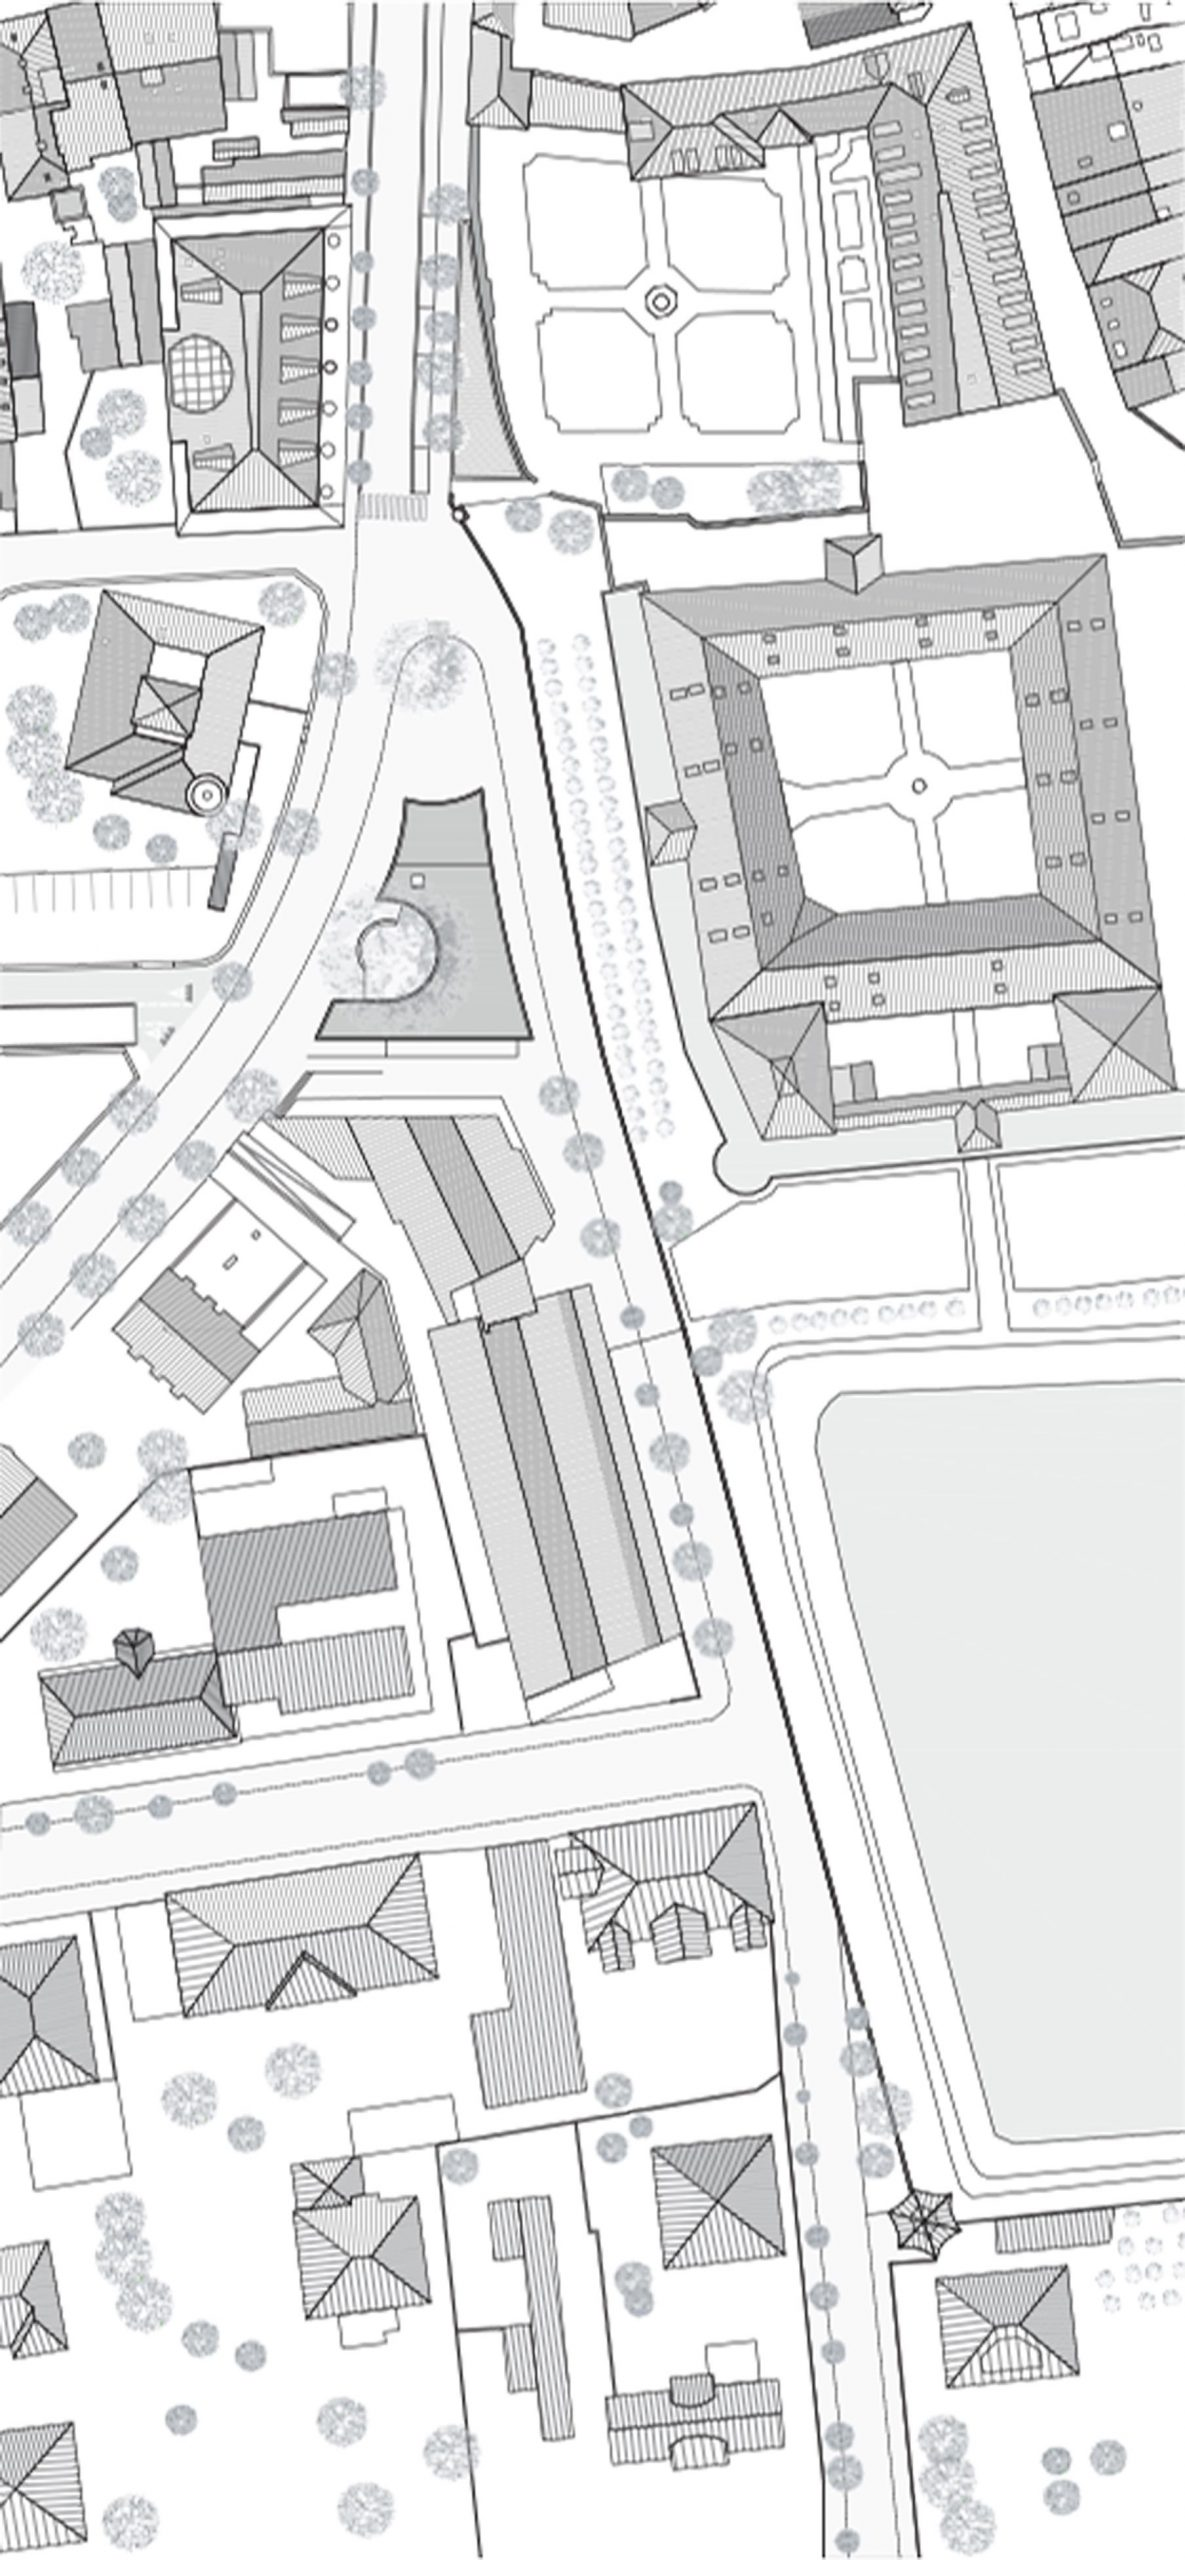 Planimetria della geometria della piazza